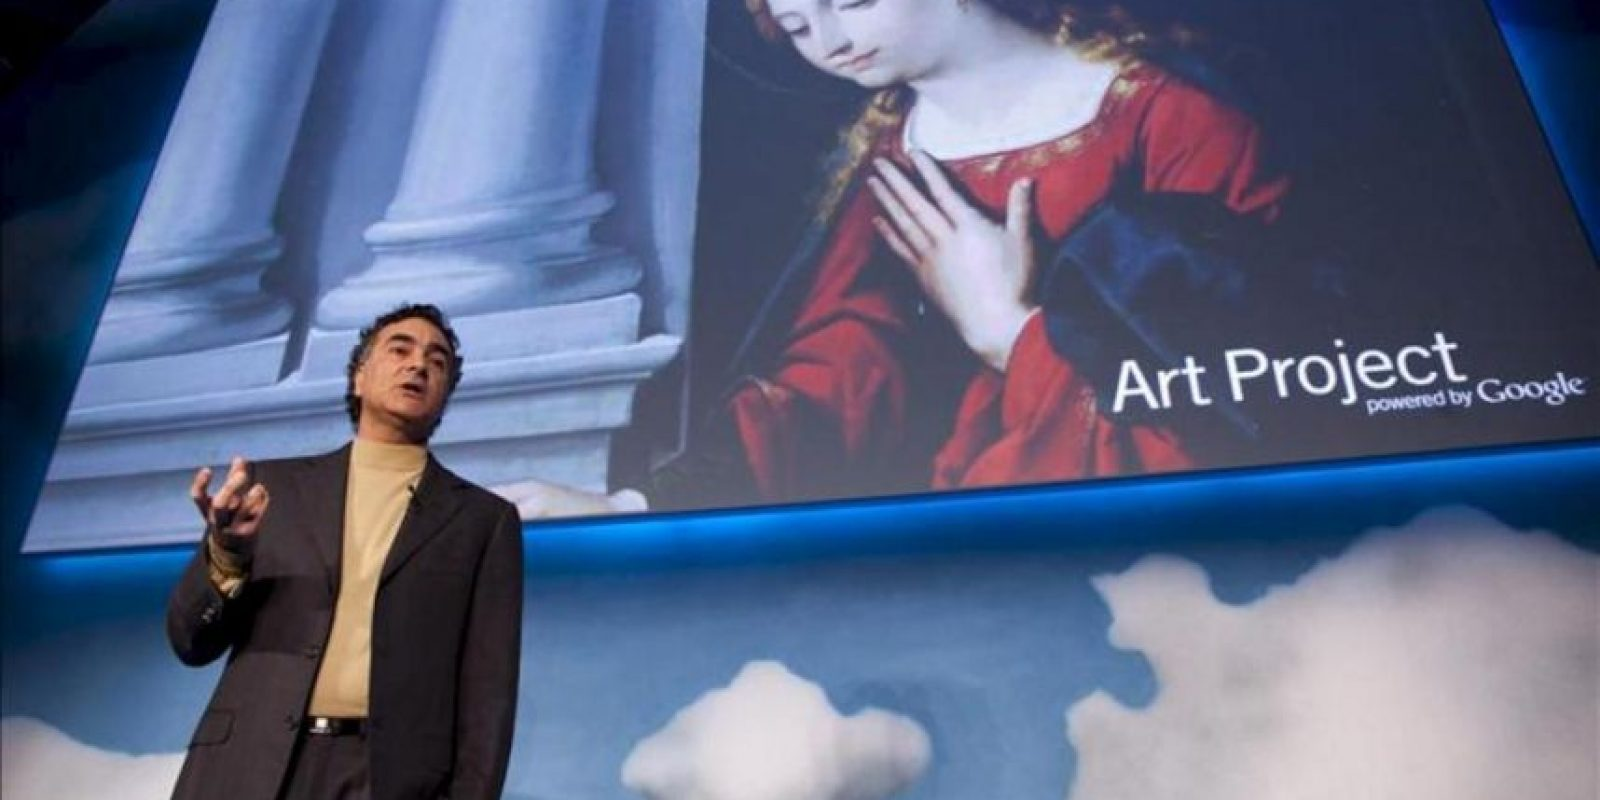 """El vicepresidente tecnológico de Google para Europa, África y Oriente Medio, Nelson Mattos, ofrece una rueda de prensa en París (Francia) hoy, 3 de abril de 2012, durante la presentación en el Museo de Orsay de París del programa """"Art Project"""". EFE"""